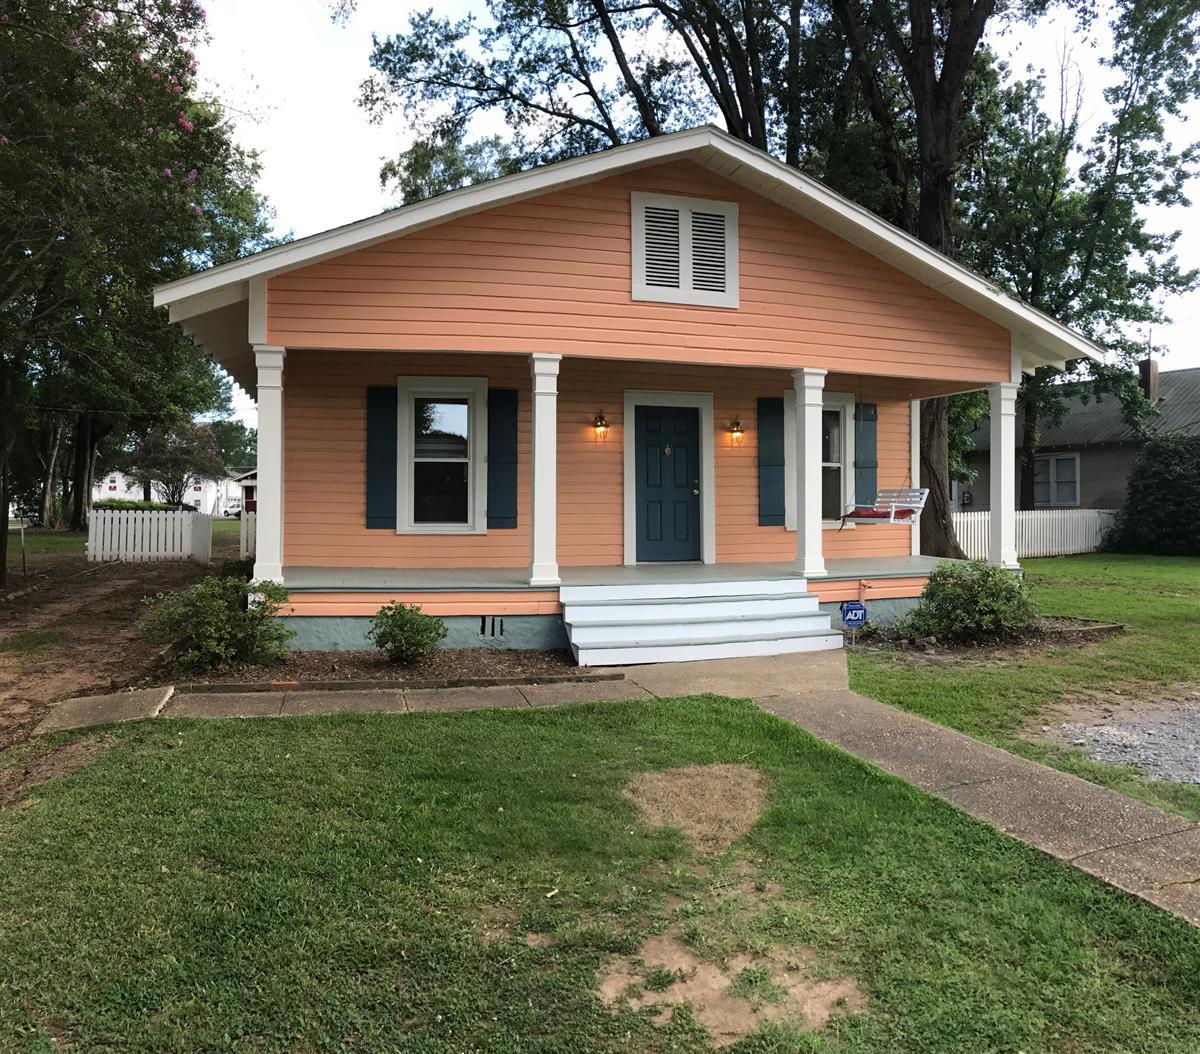 611 House Apartment In Tuscaloosa Al